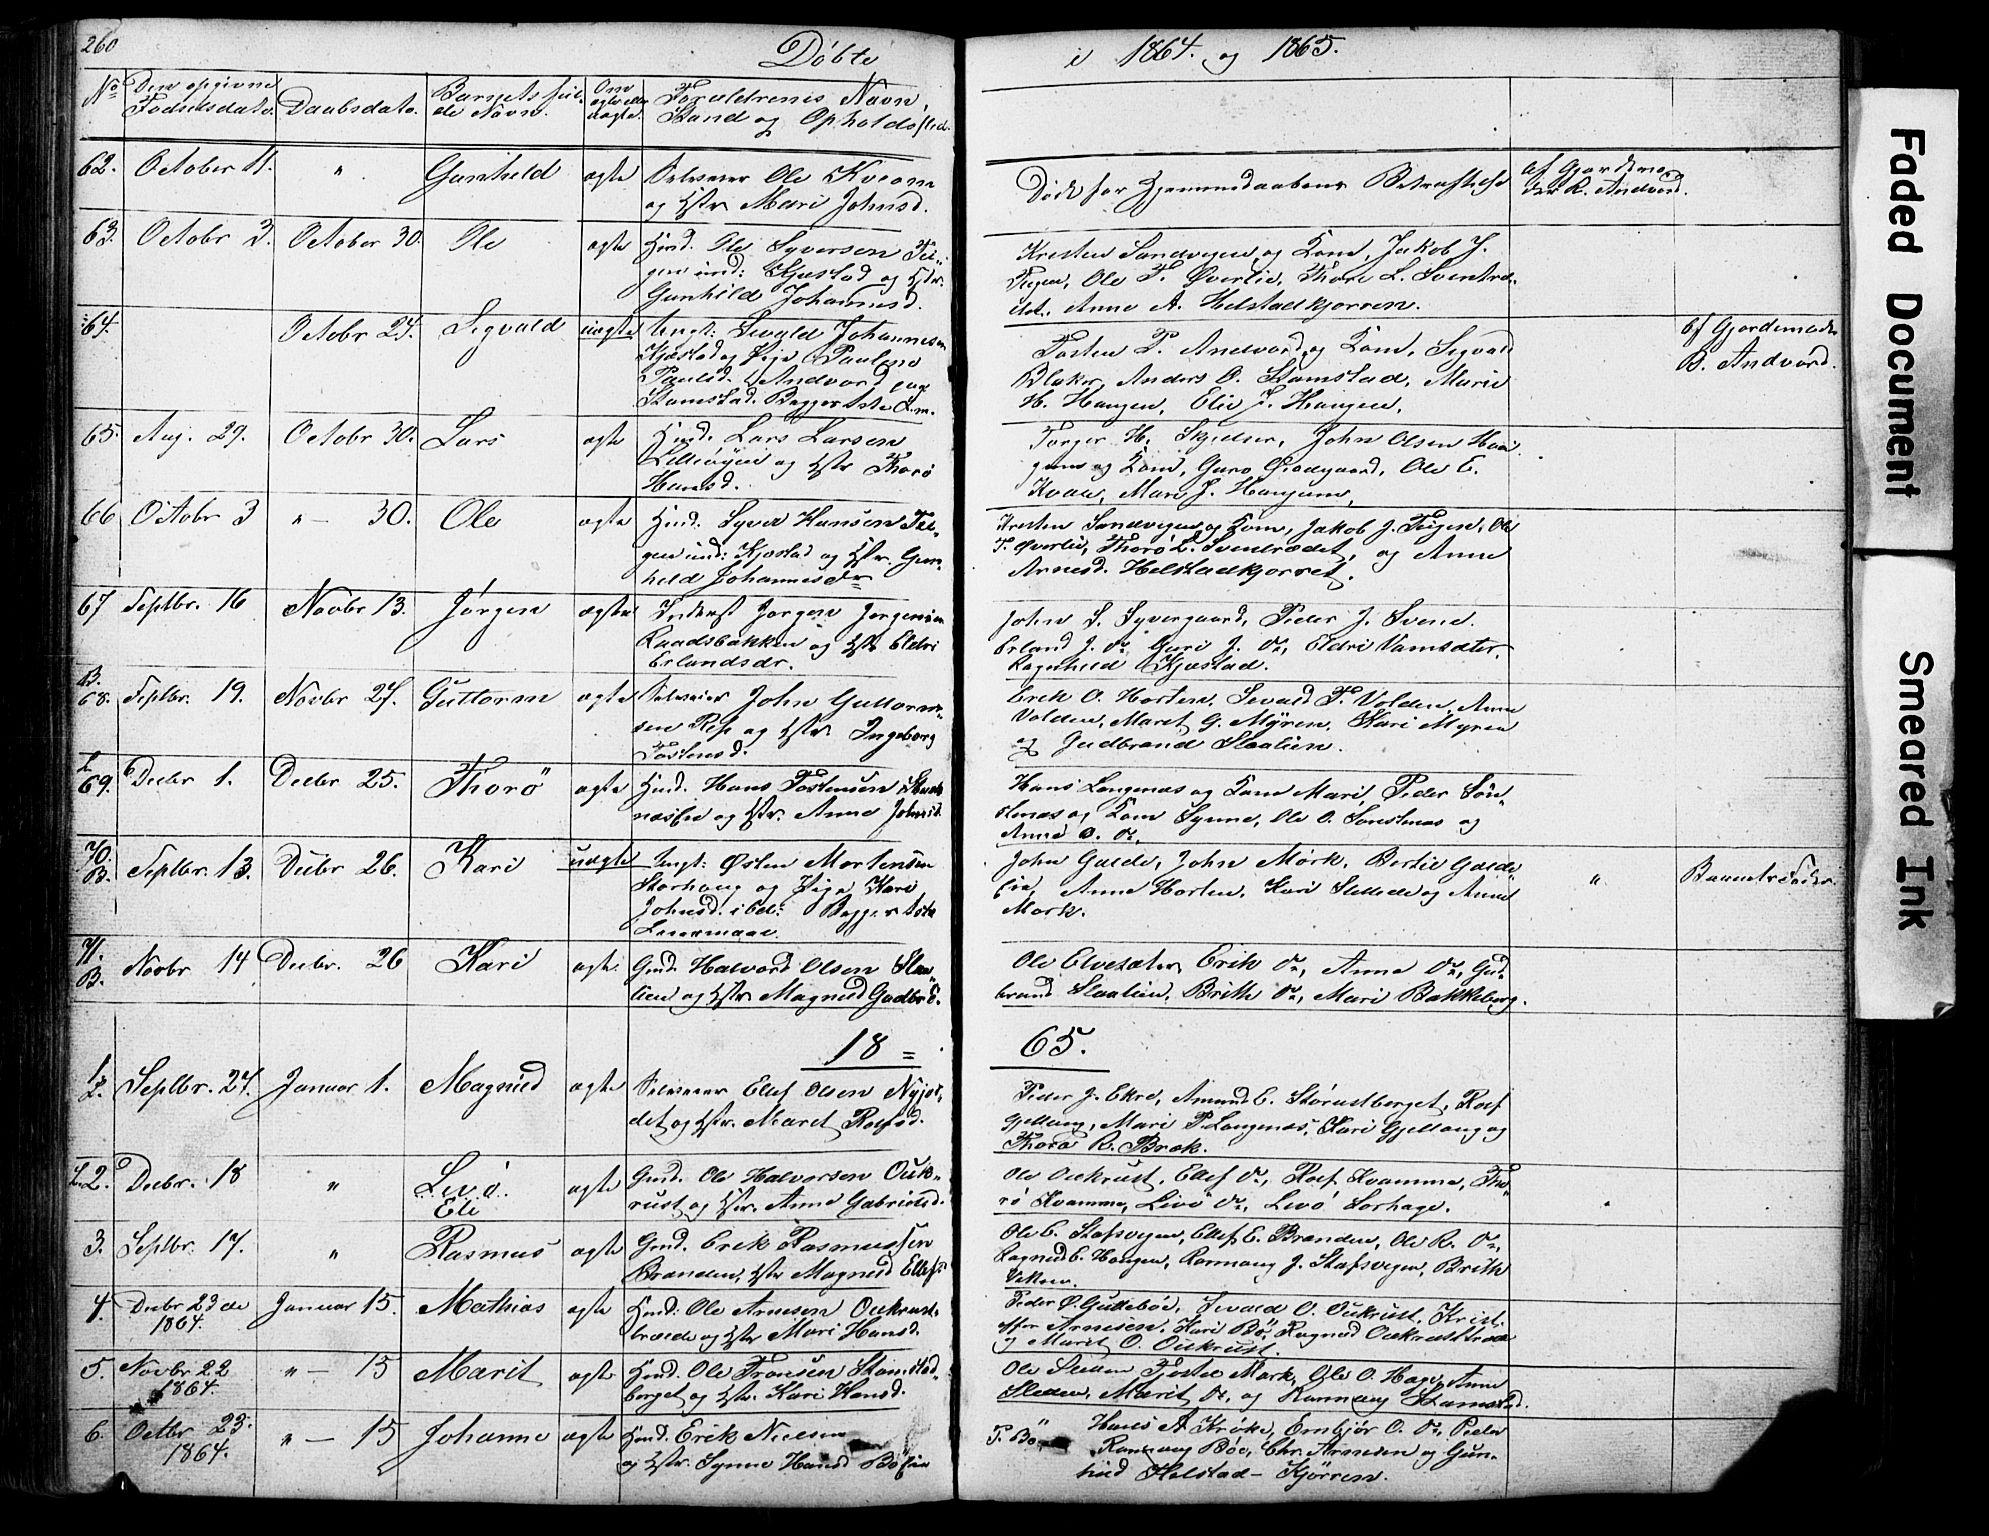 SAH, Lom prestekontor, L/L0012: Klokkerbok nr. 12, 1845-1873, s. 260-261